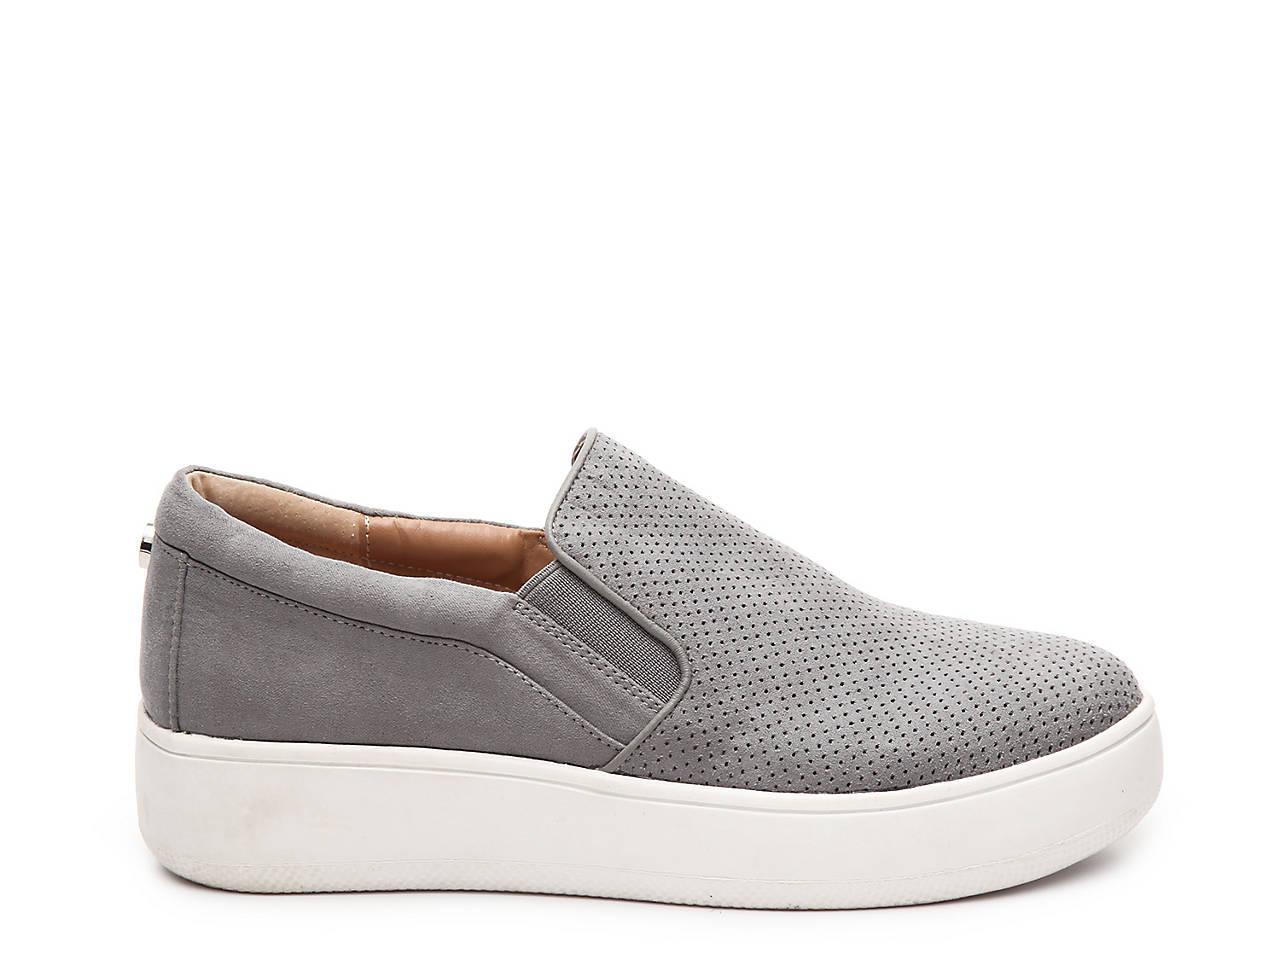 6c8b320d934 Steve Madden Genette Platform Sneaker Women s Shoes